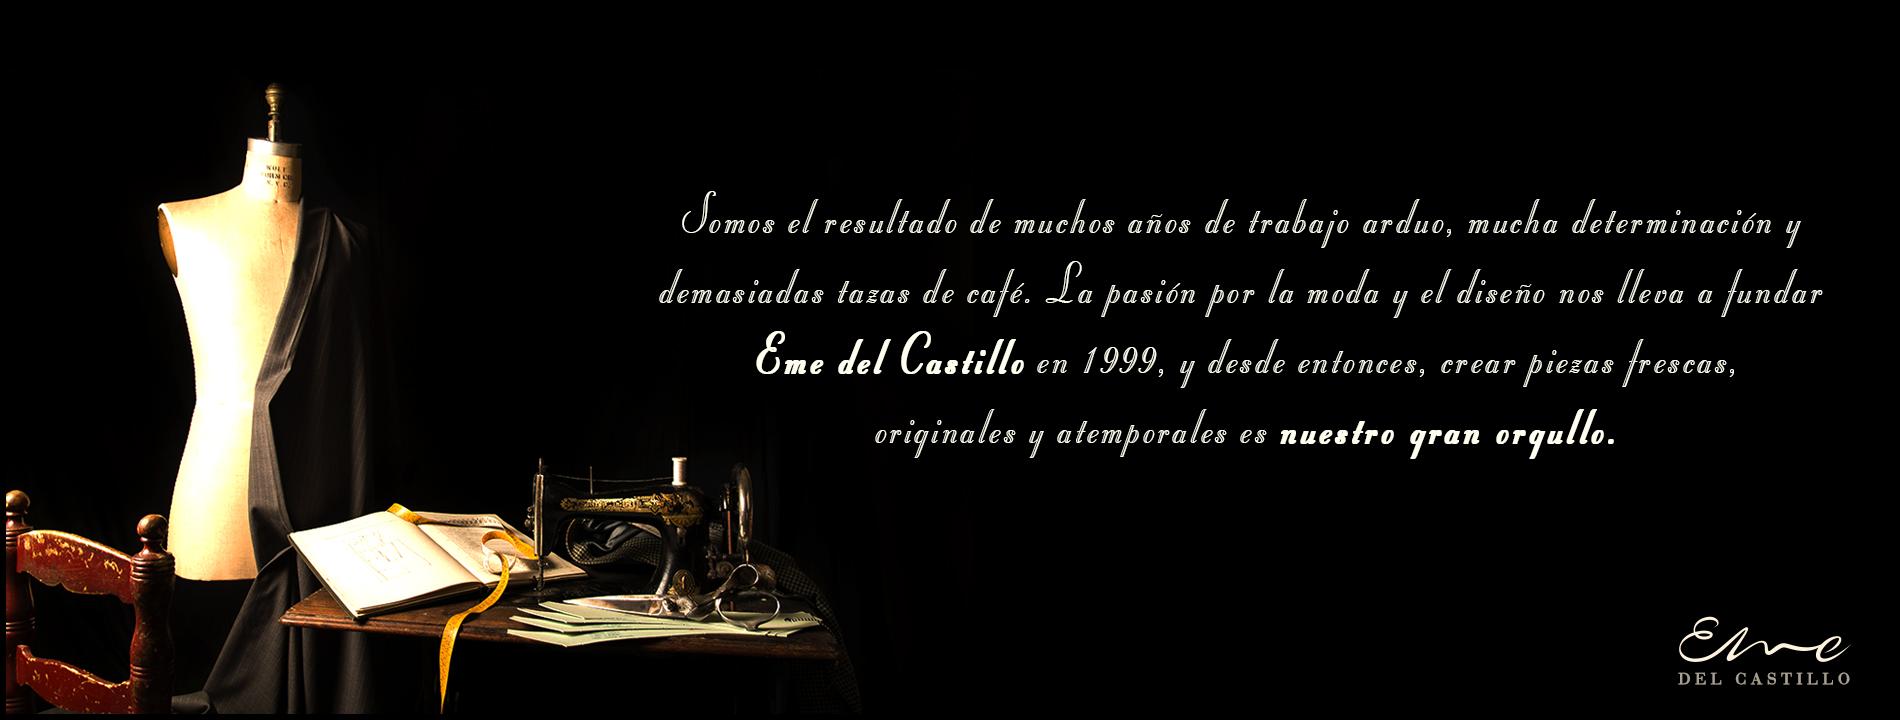 Eme del Castillo 1